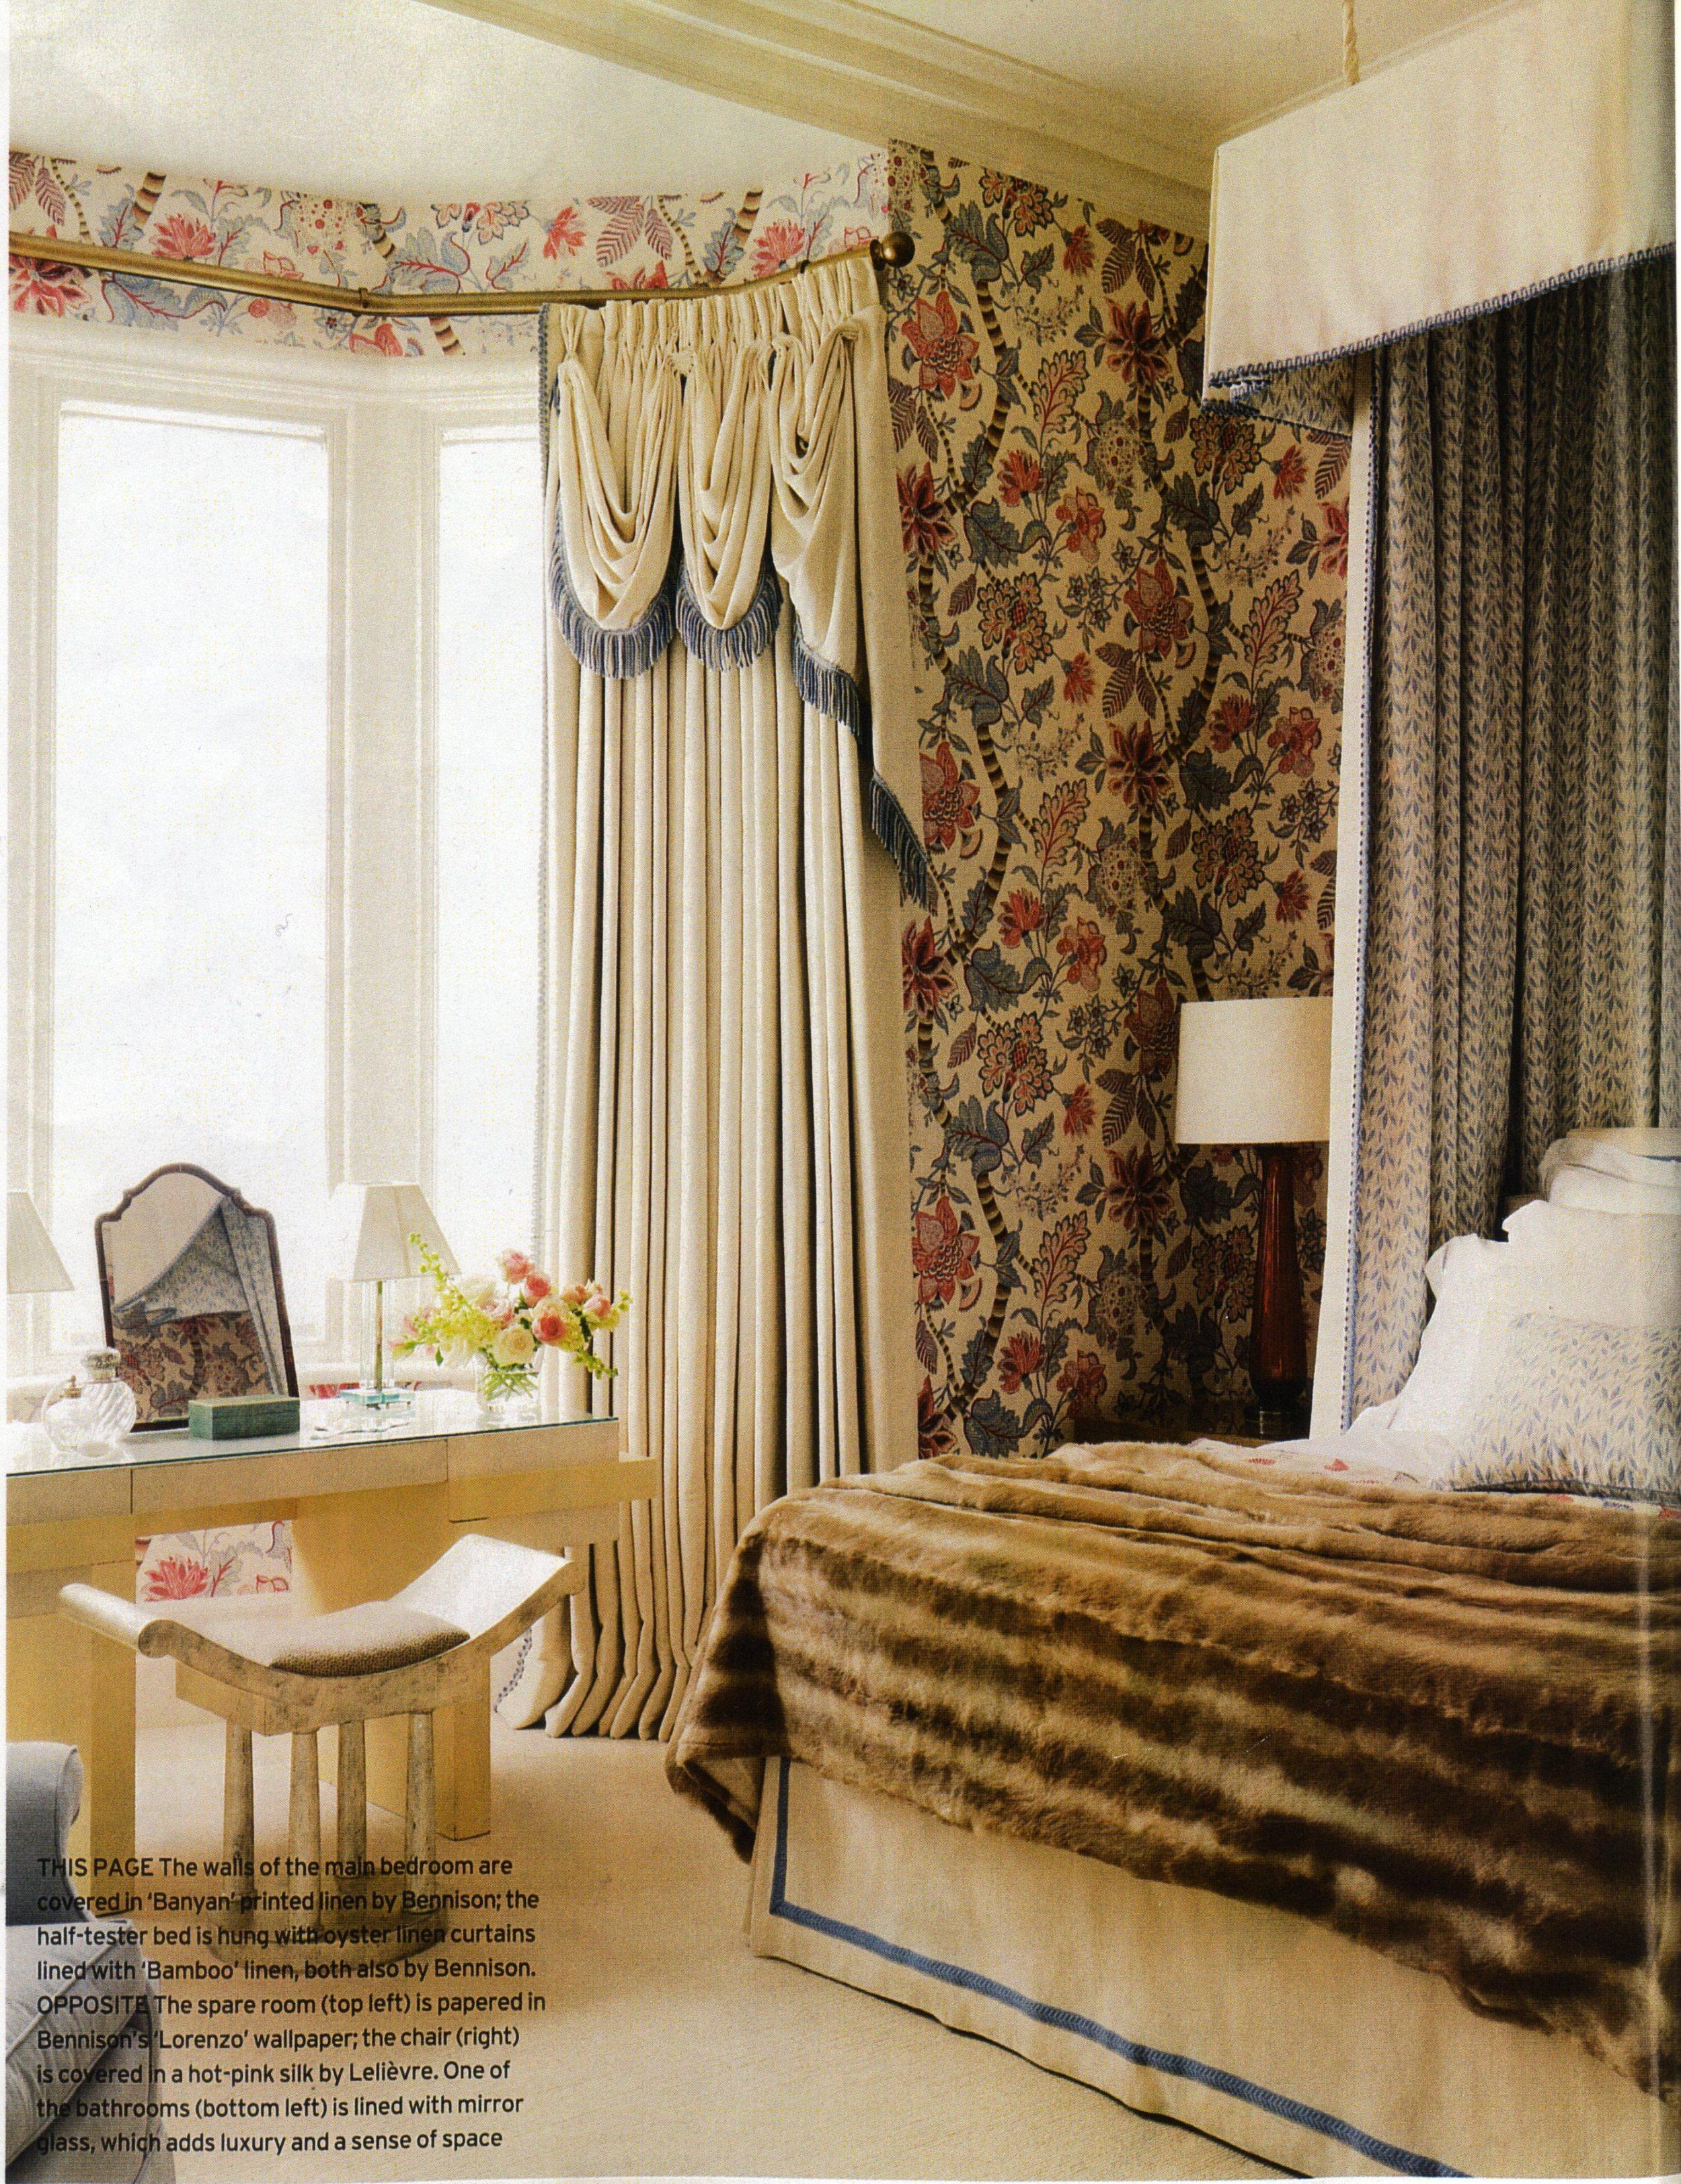 Banyan Blue Pink (walls) - Little Bamboo (interior bed drapes)